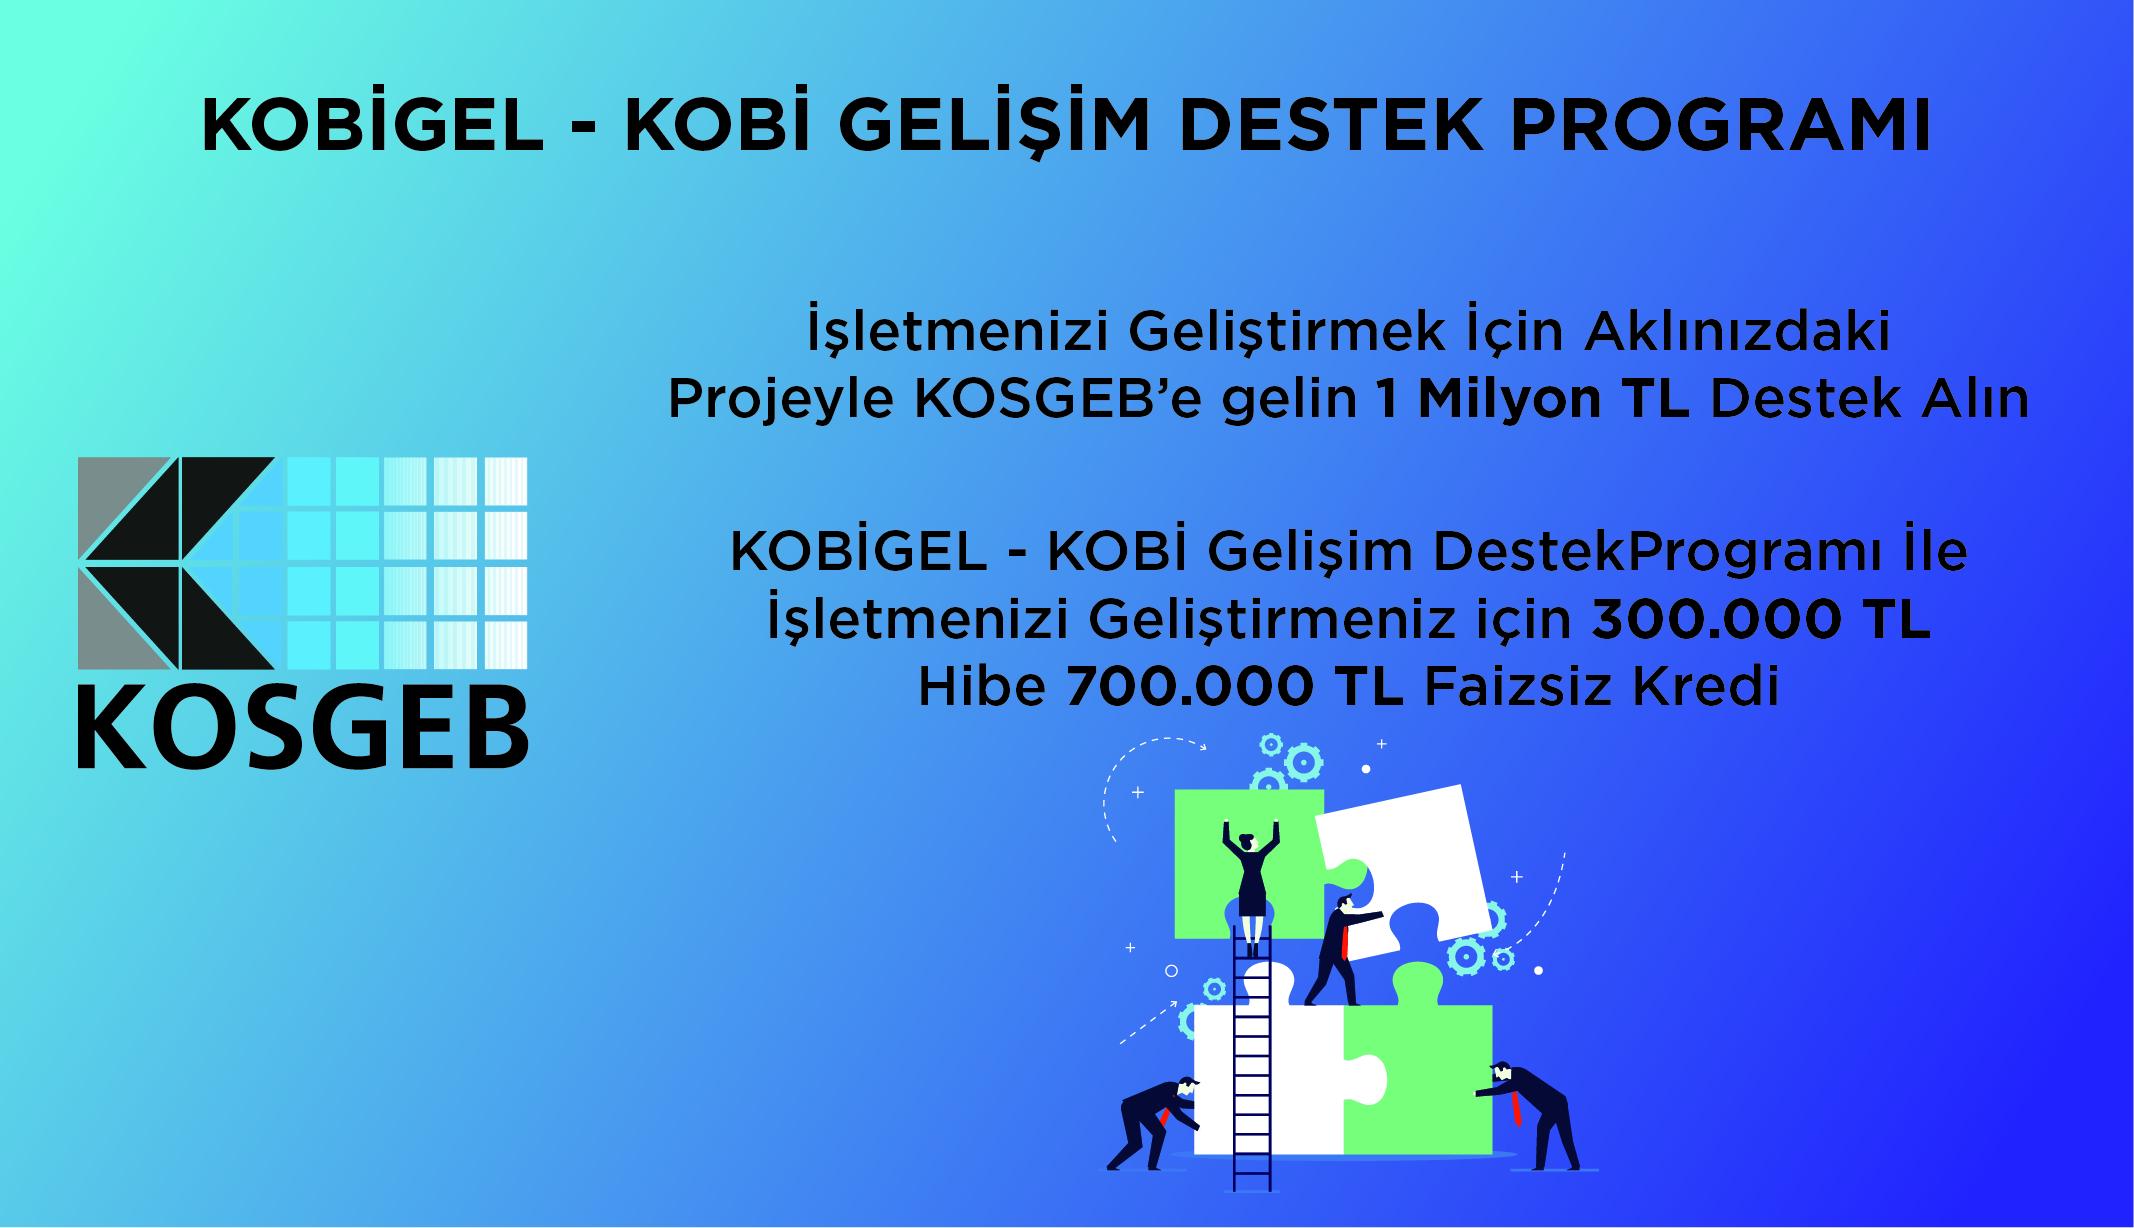 KOBİGEL - KOBİ Gelişim Destek Programı